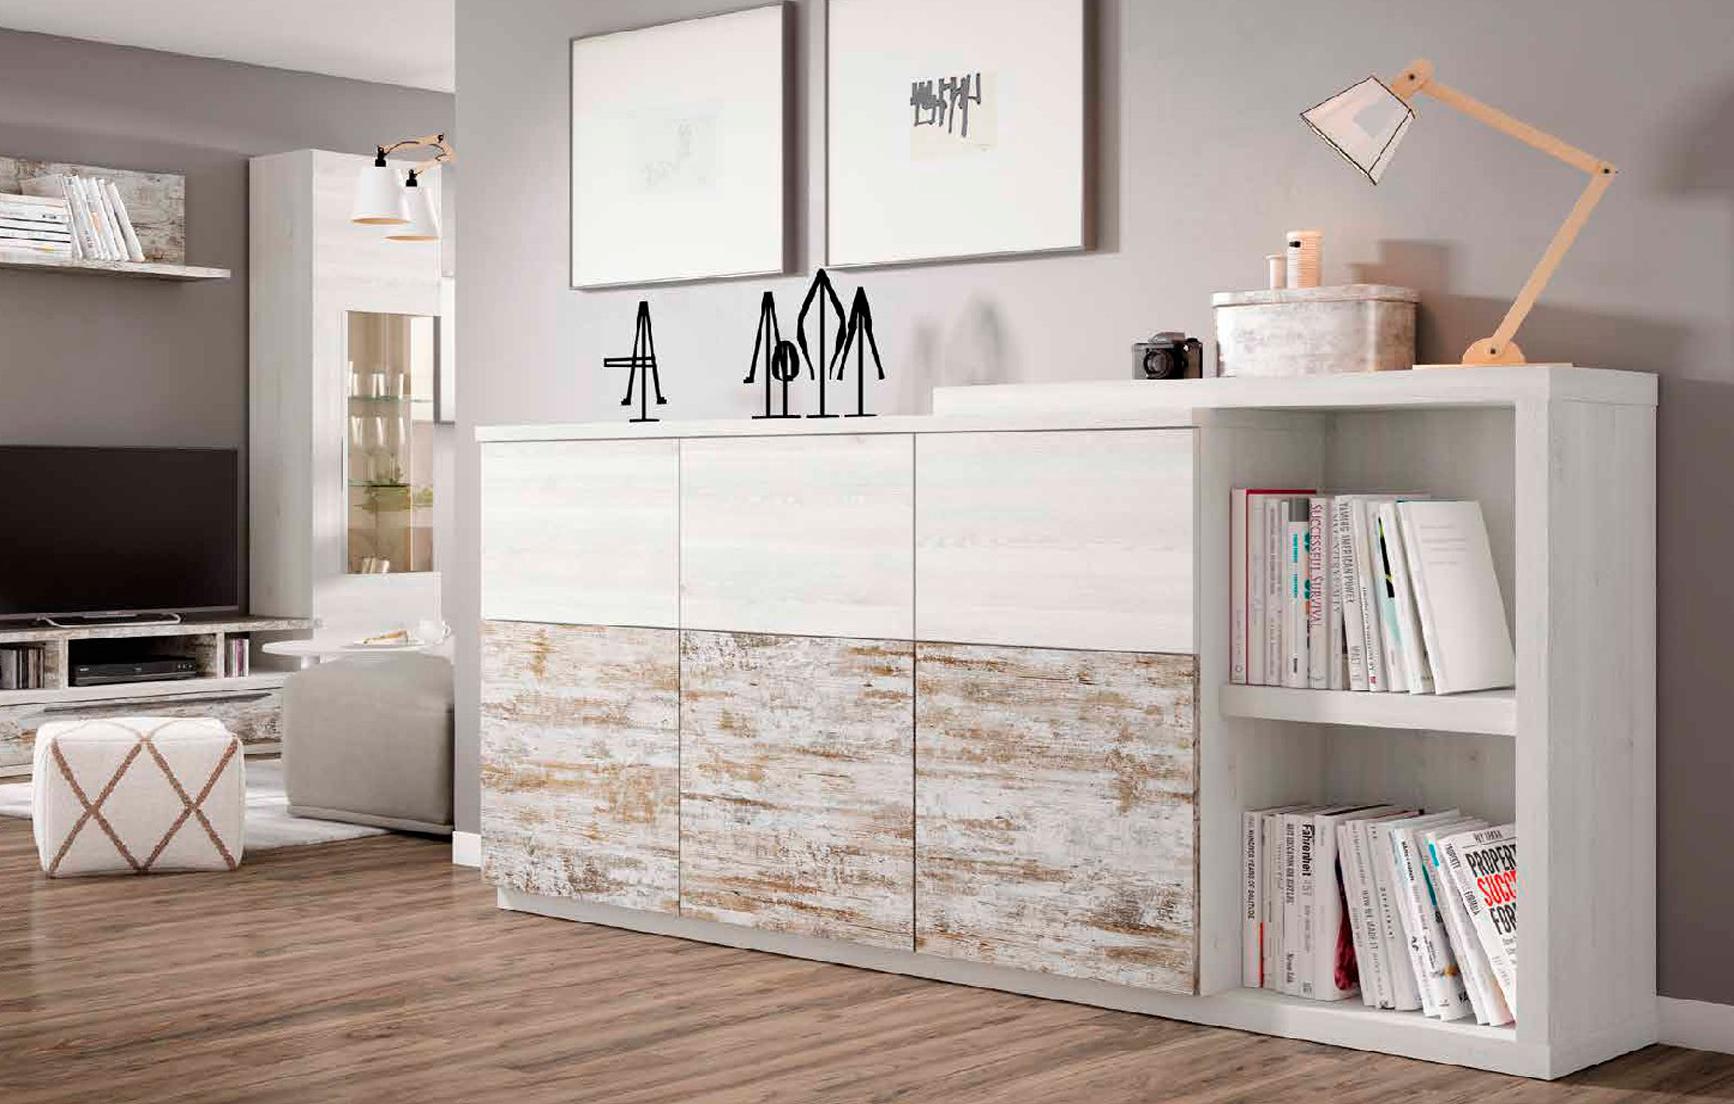 Aparador Blanco nordic y vintage - Muebles Adama Tienda de muebles ...